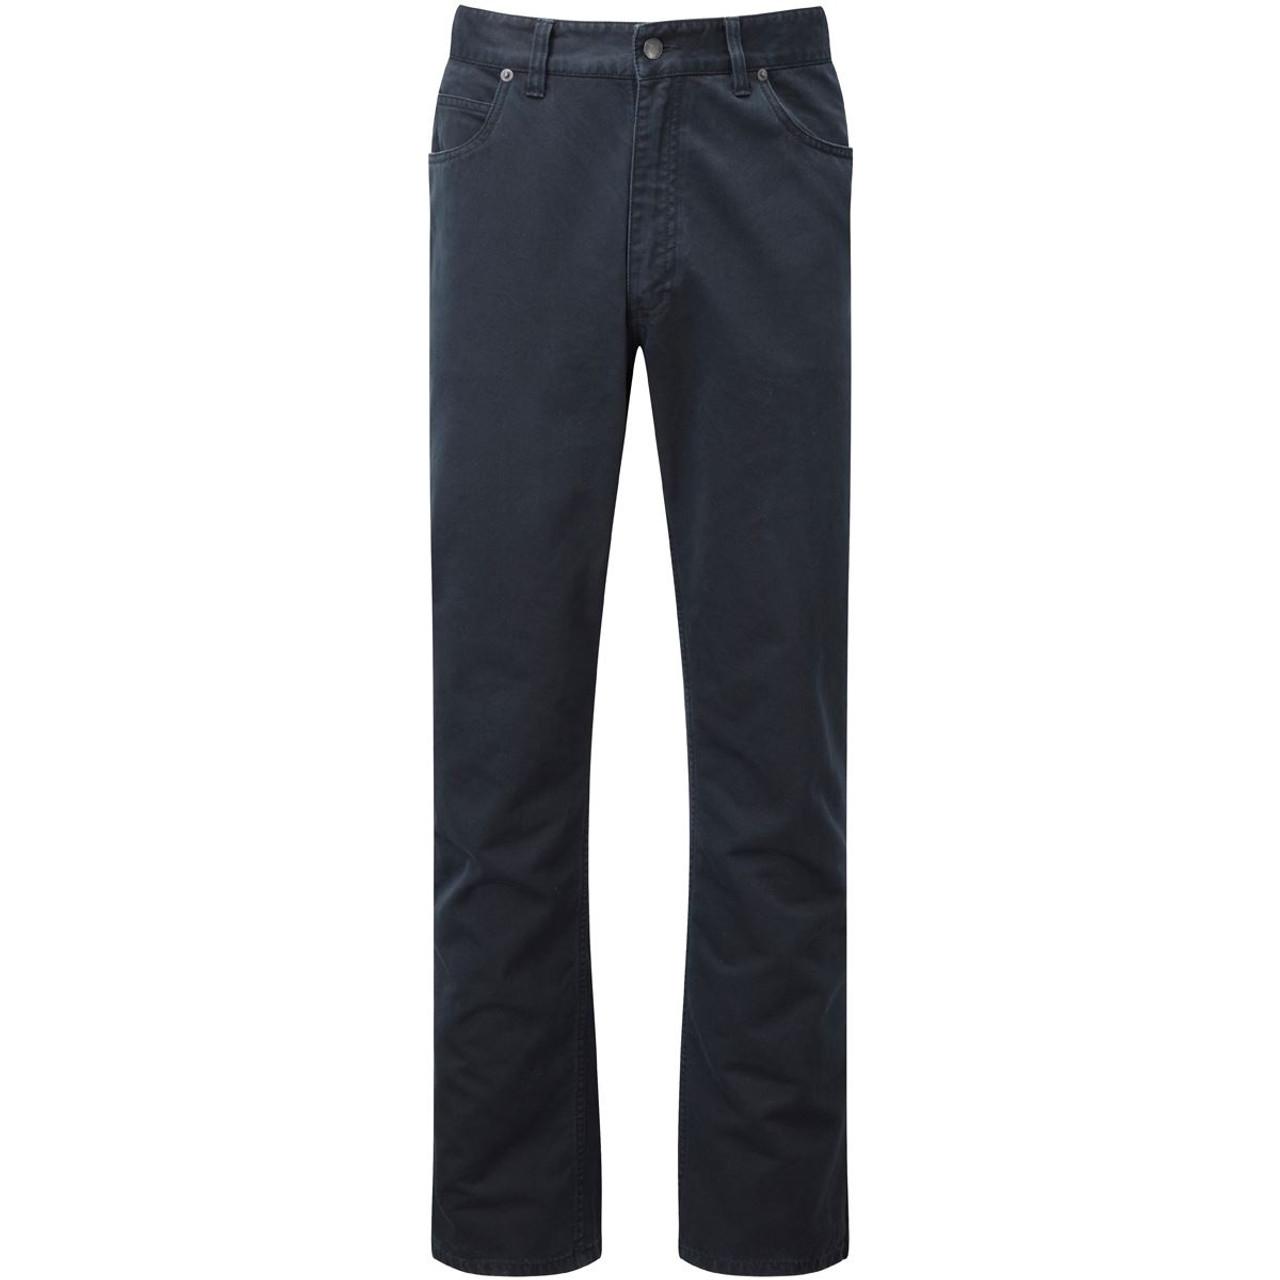 Schoffel Canterbury 5 Pocket Jean